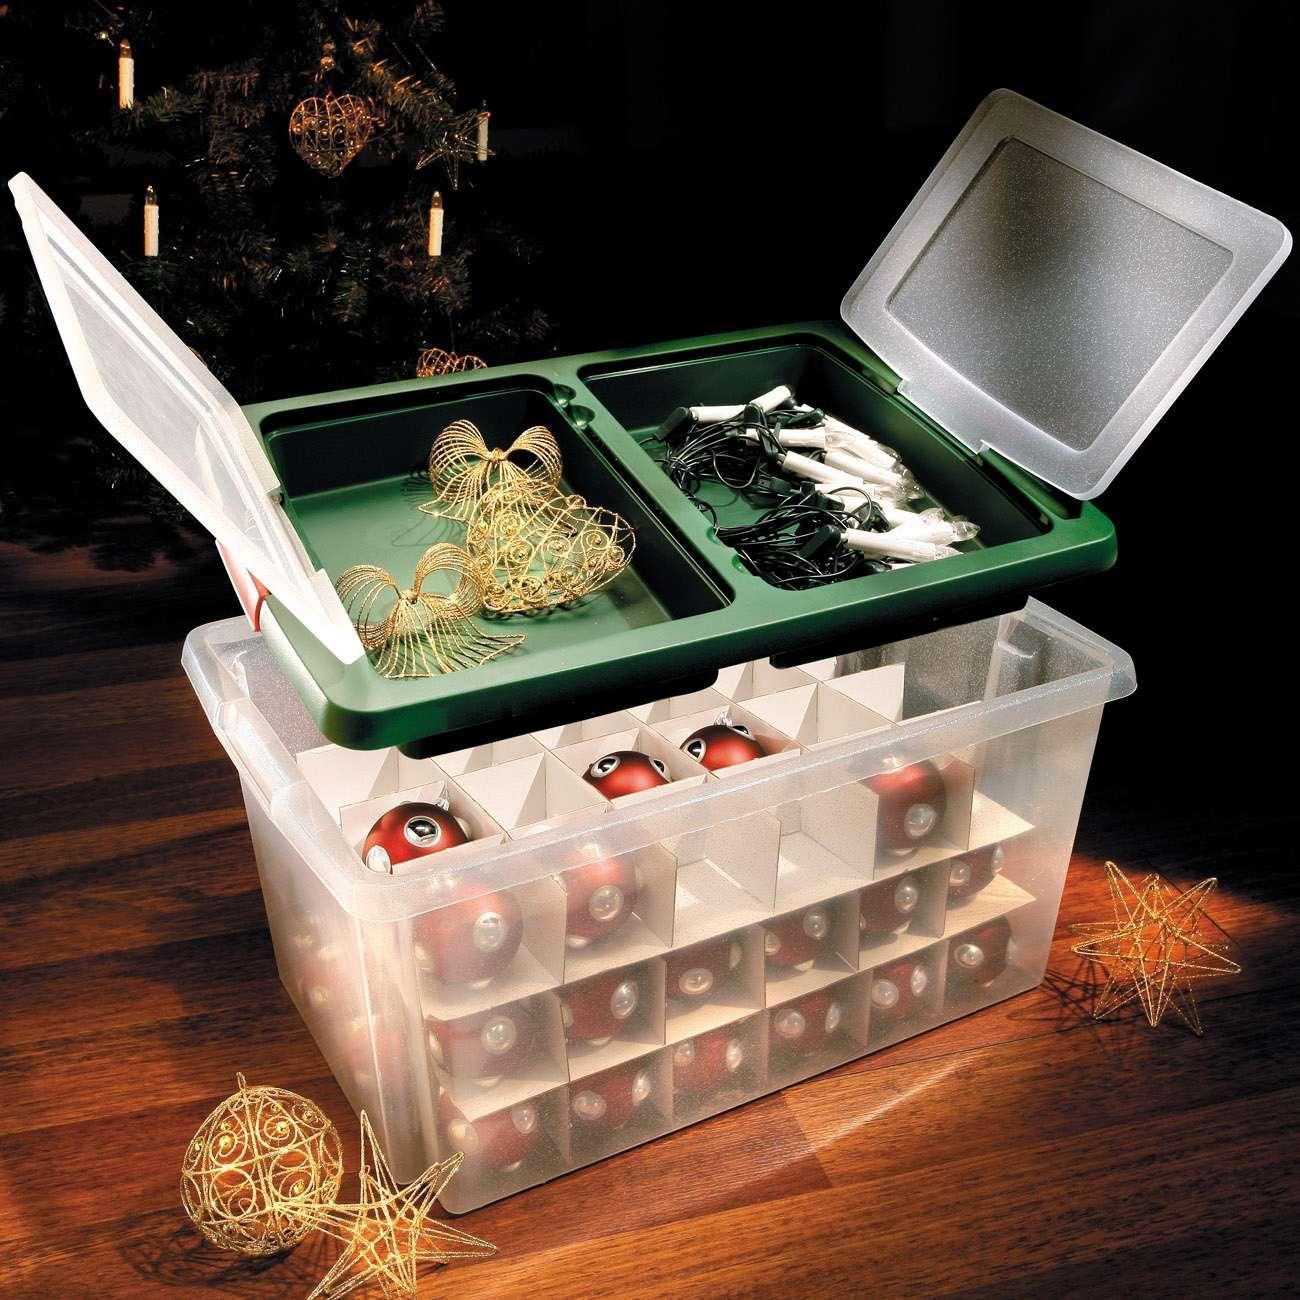 Maxi weihnachtsbox 3 jahre garantie pro idee - Glasduschwand reinigen ...